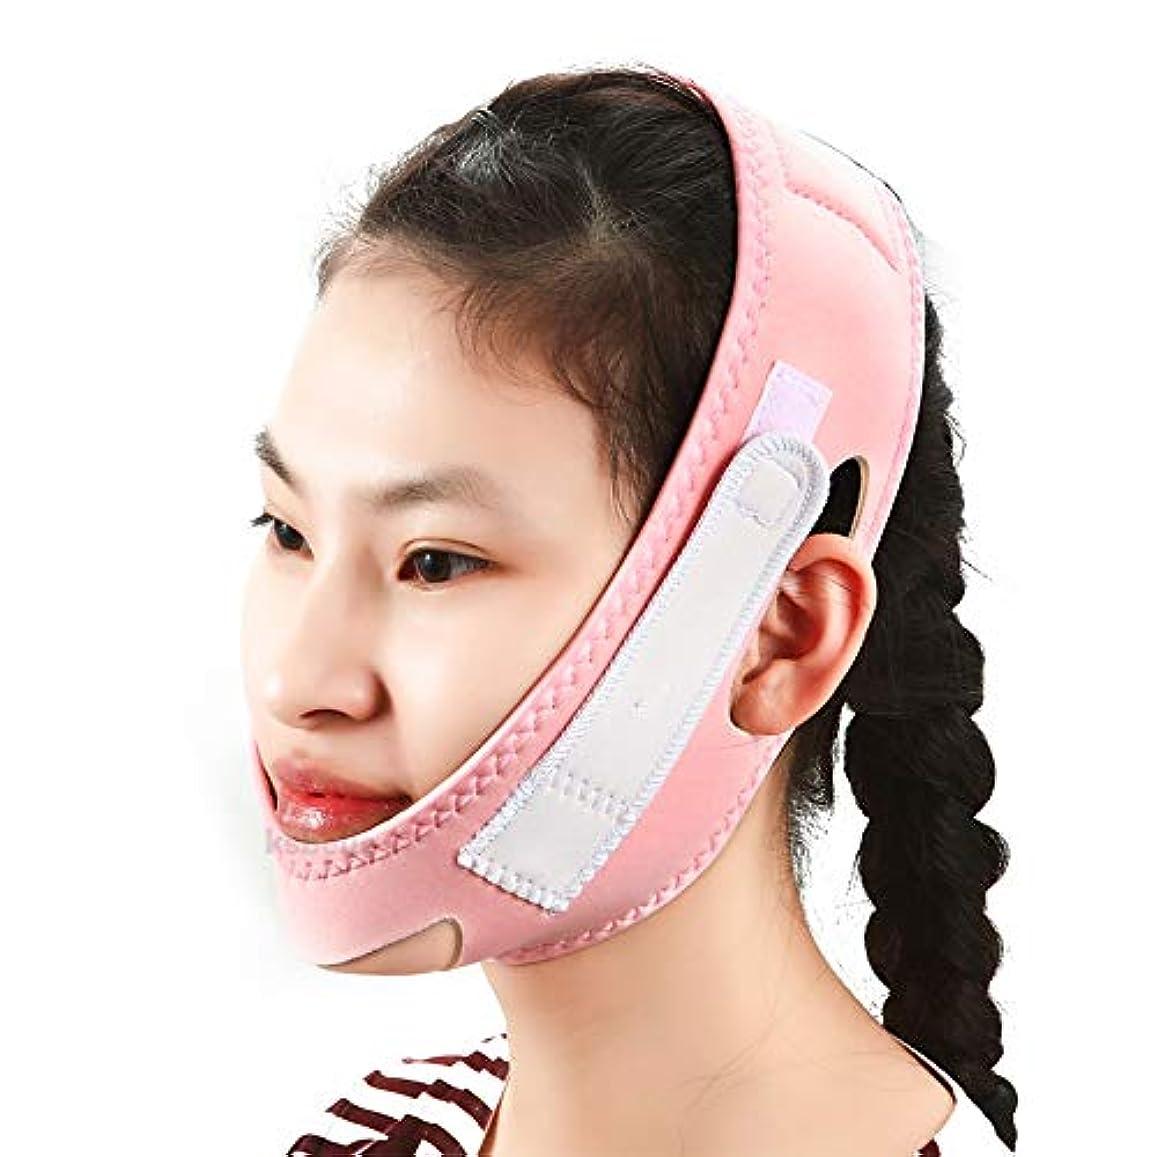 懺悔ちょっと待って依存するフェイススリムVラインリフトアップマスクチークチンネックスリム薄いベルトストラップ美容繊細な顔の薄いフェイスマスク痩身包帯